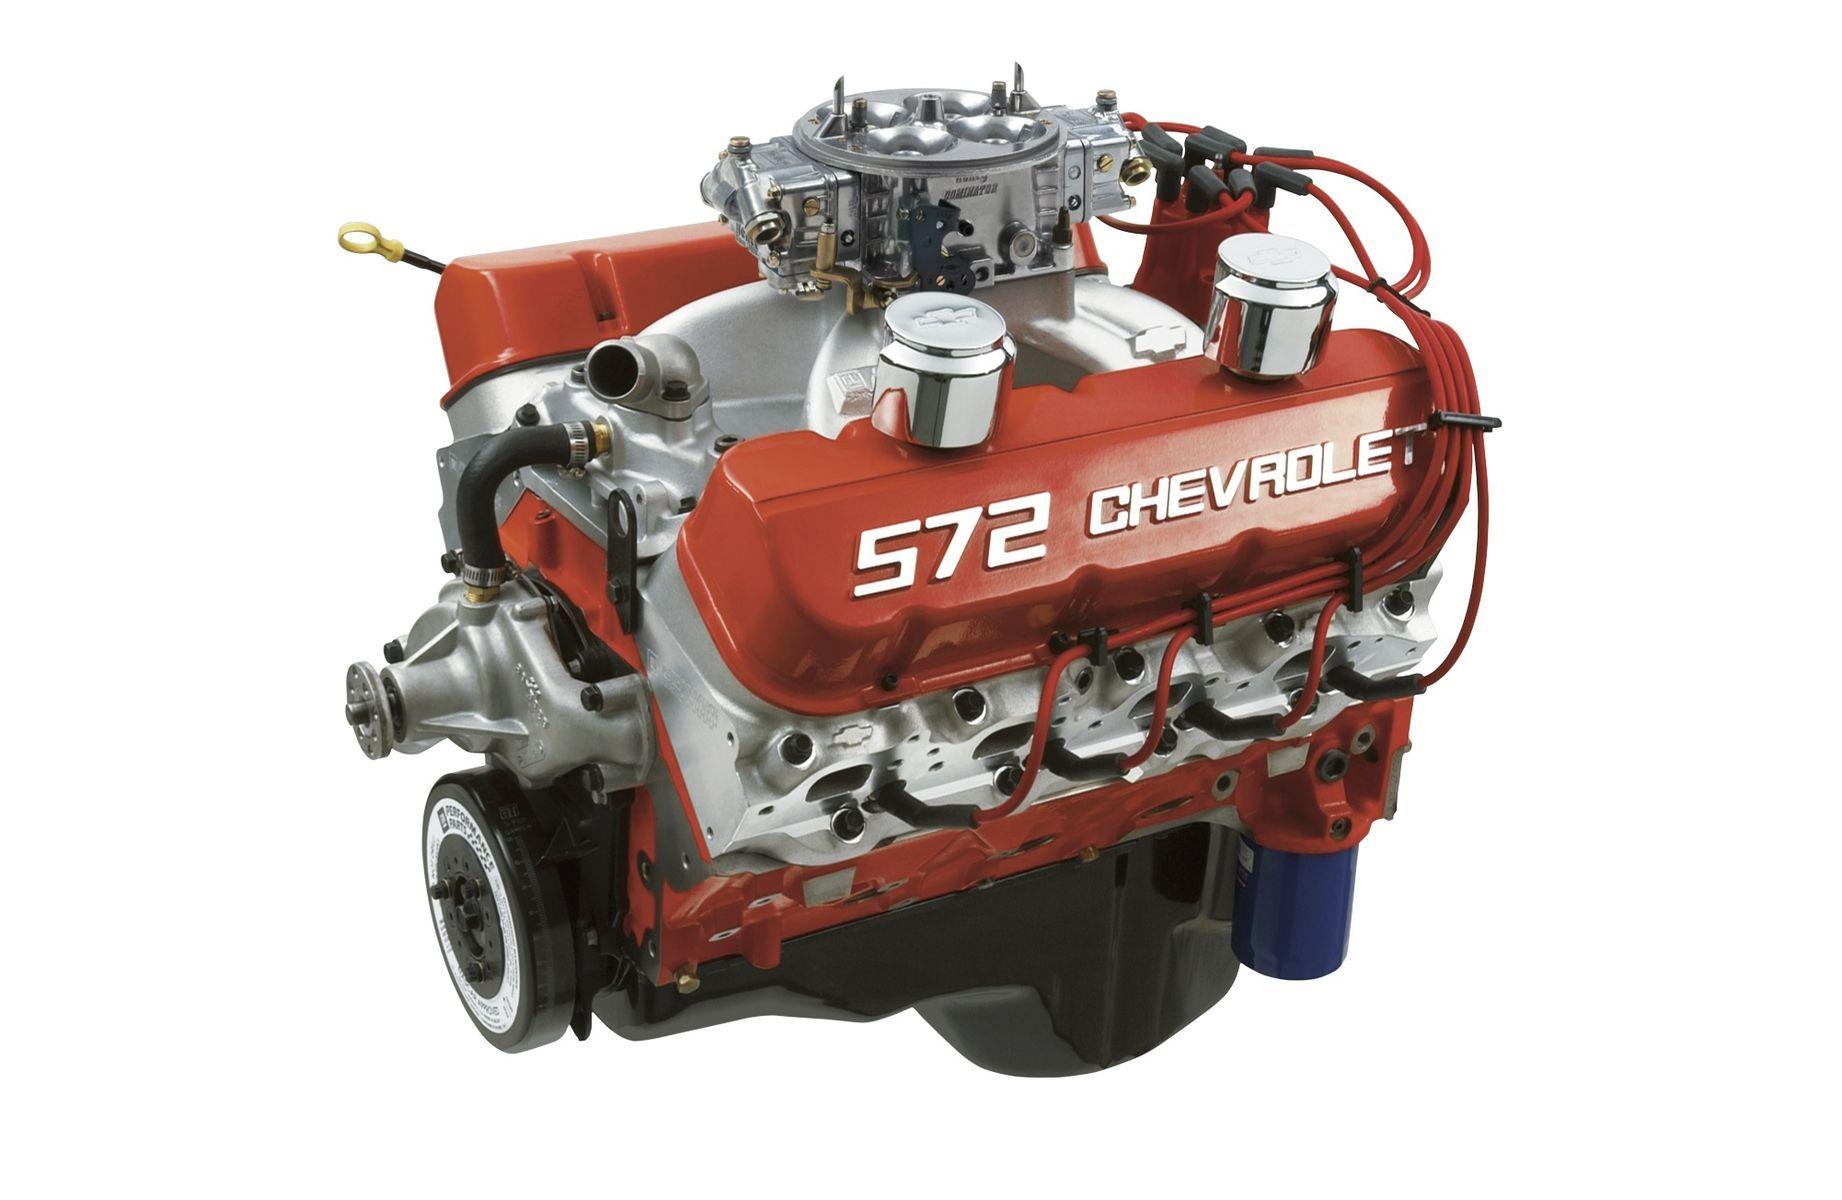 Chevrolet    ZZ572/720R Deluxe